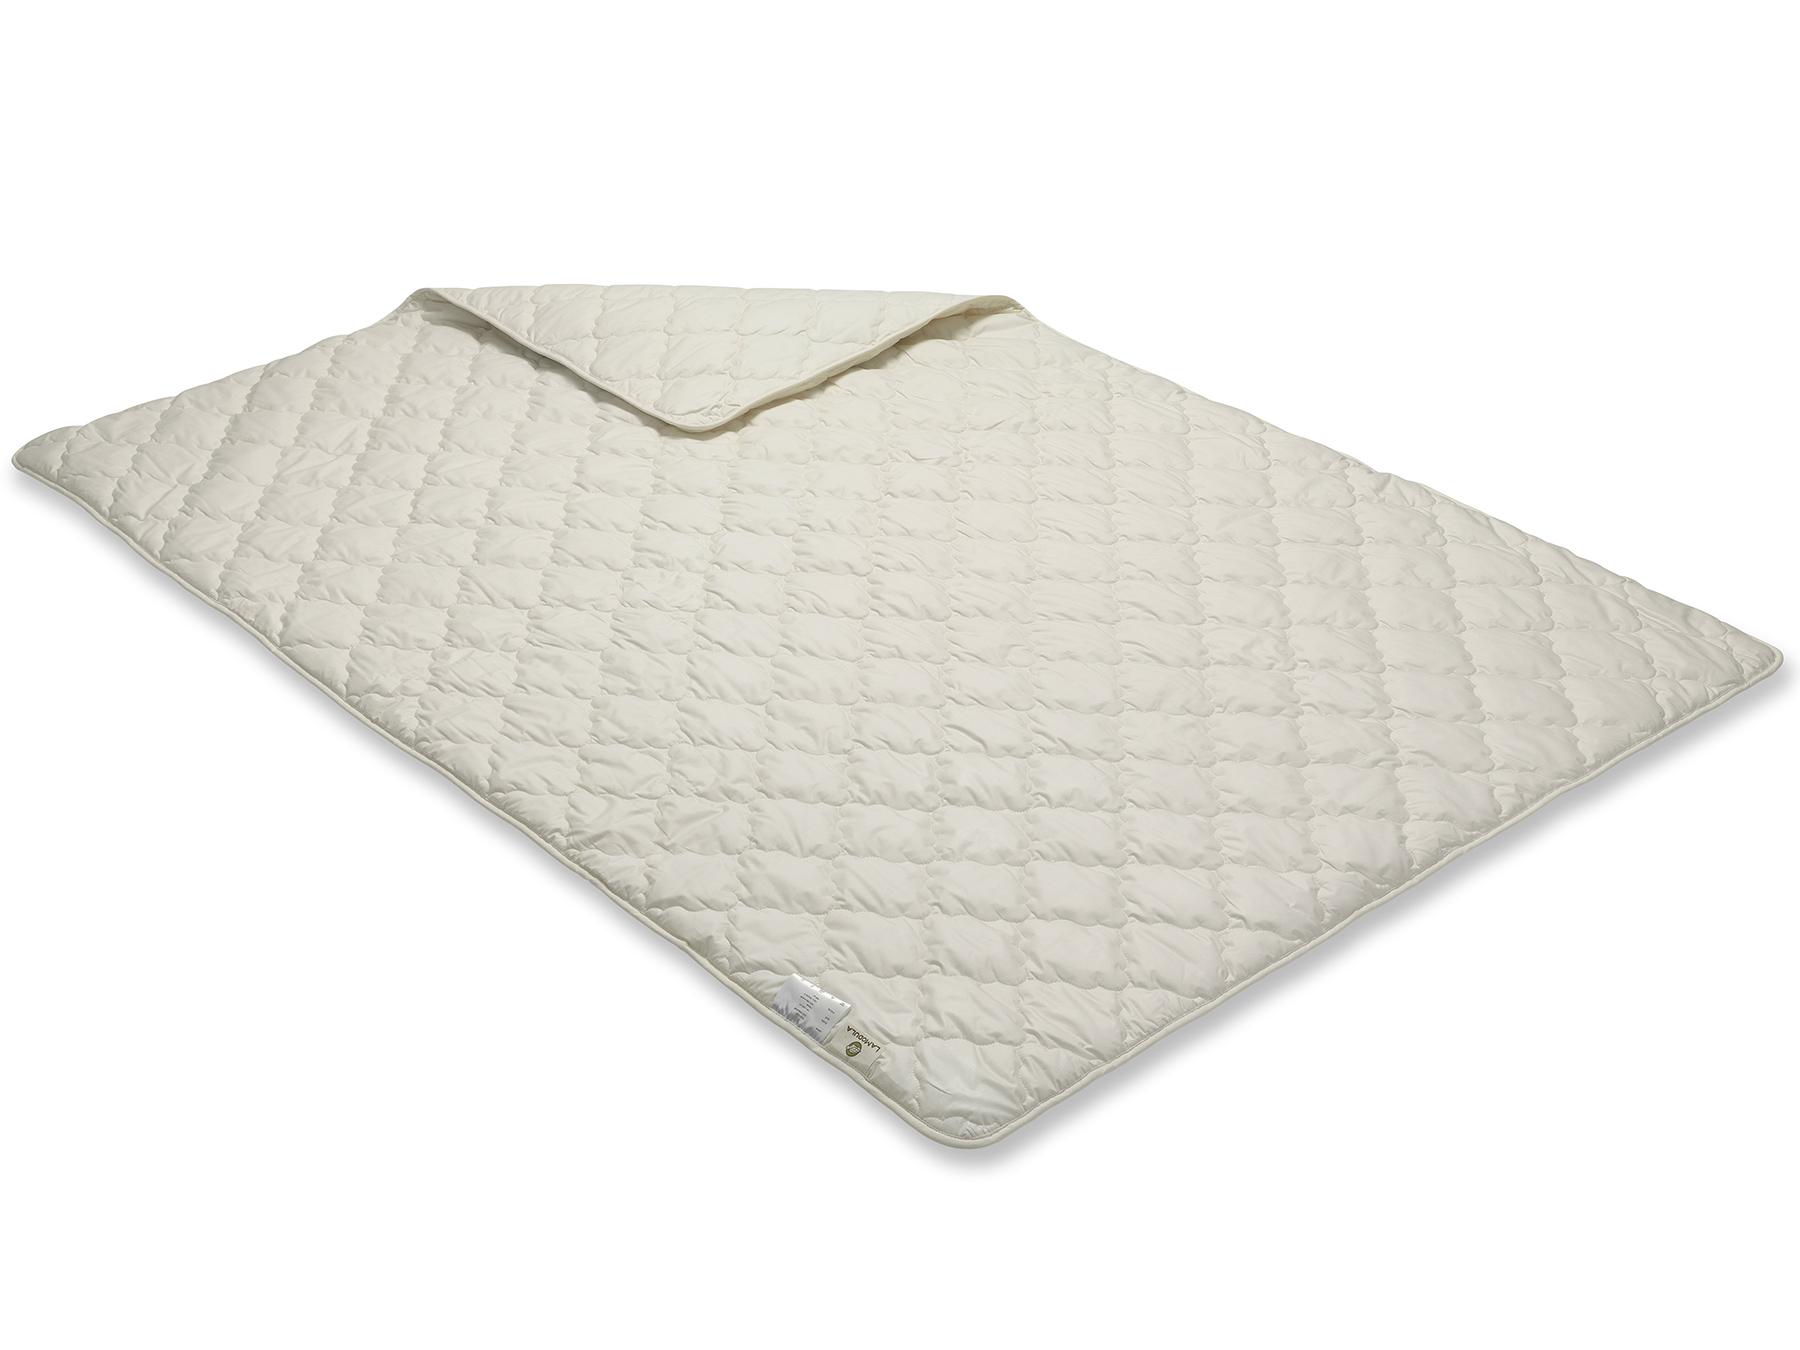 Diese Decke wird mit Vielnadeltechnik hergestellt - so erhält sie ihr gleichmäßiges Muster.